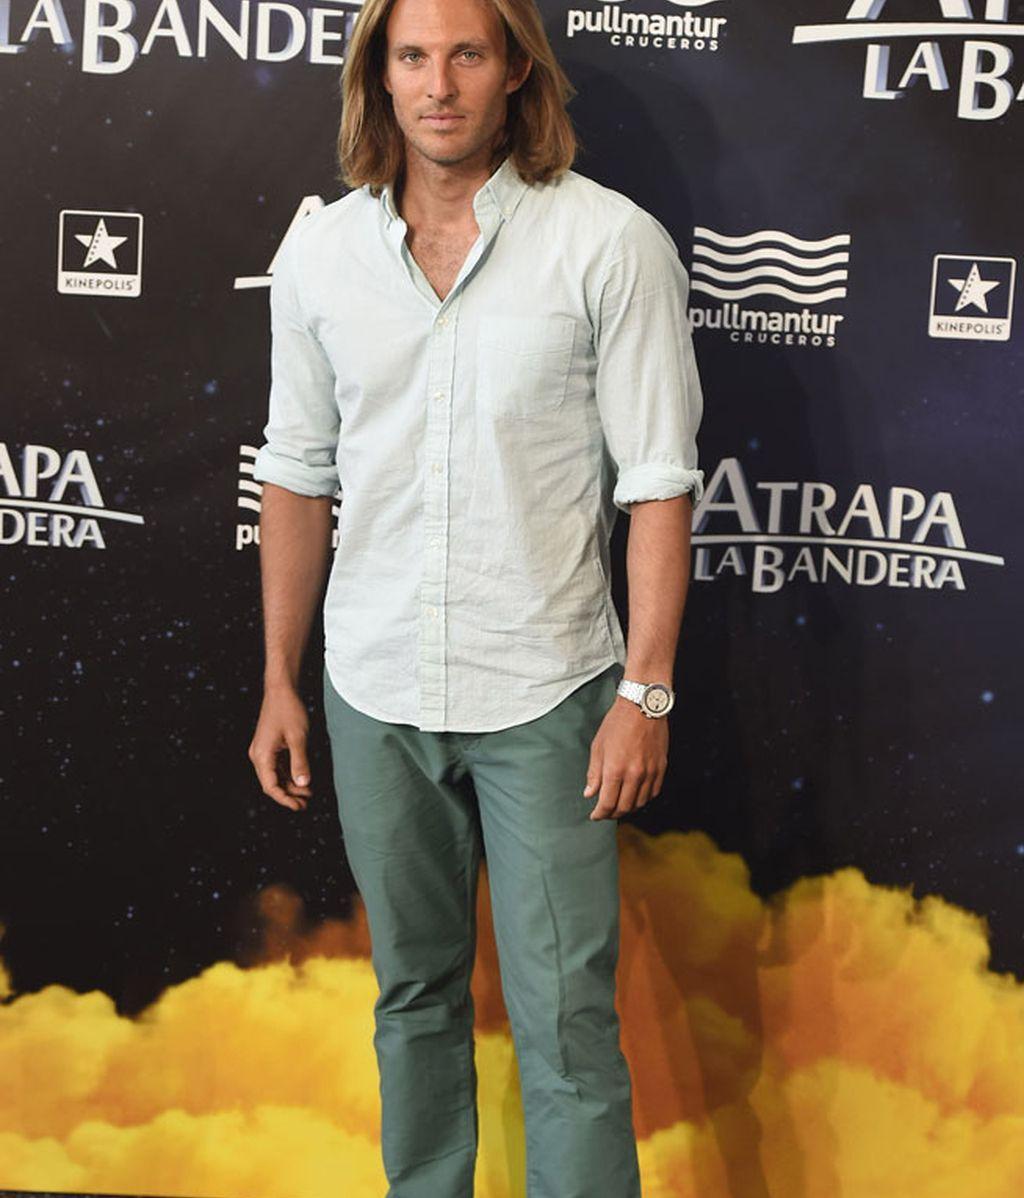 El actor Alex Jafner, camisa blanca y jeans